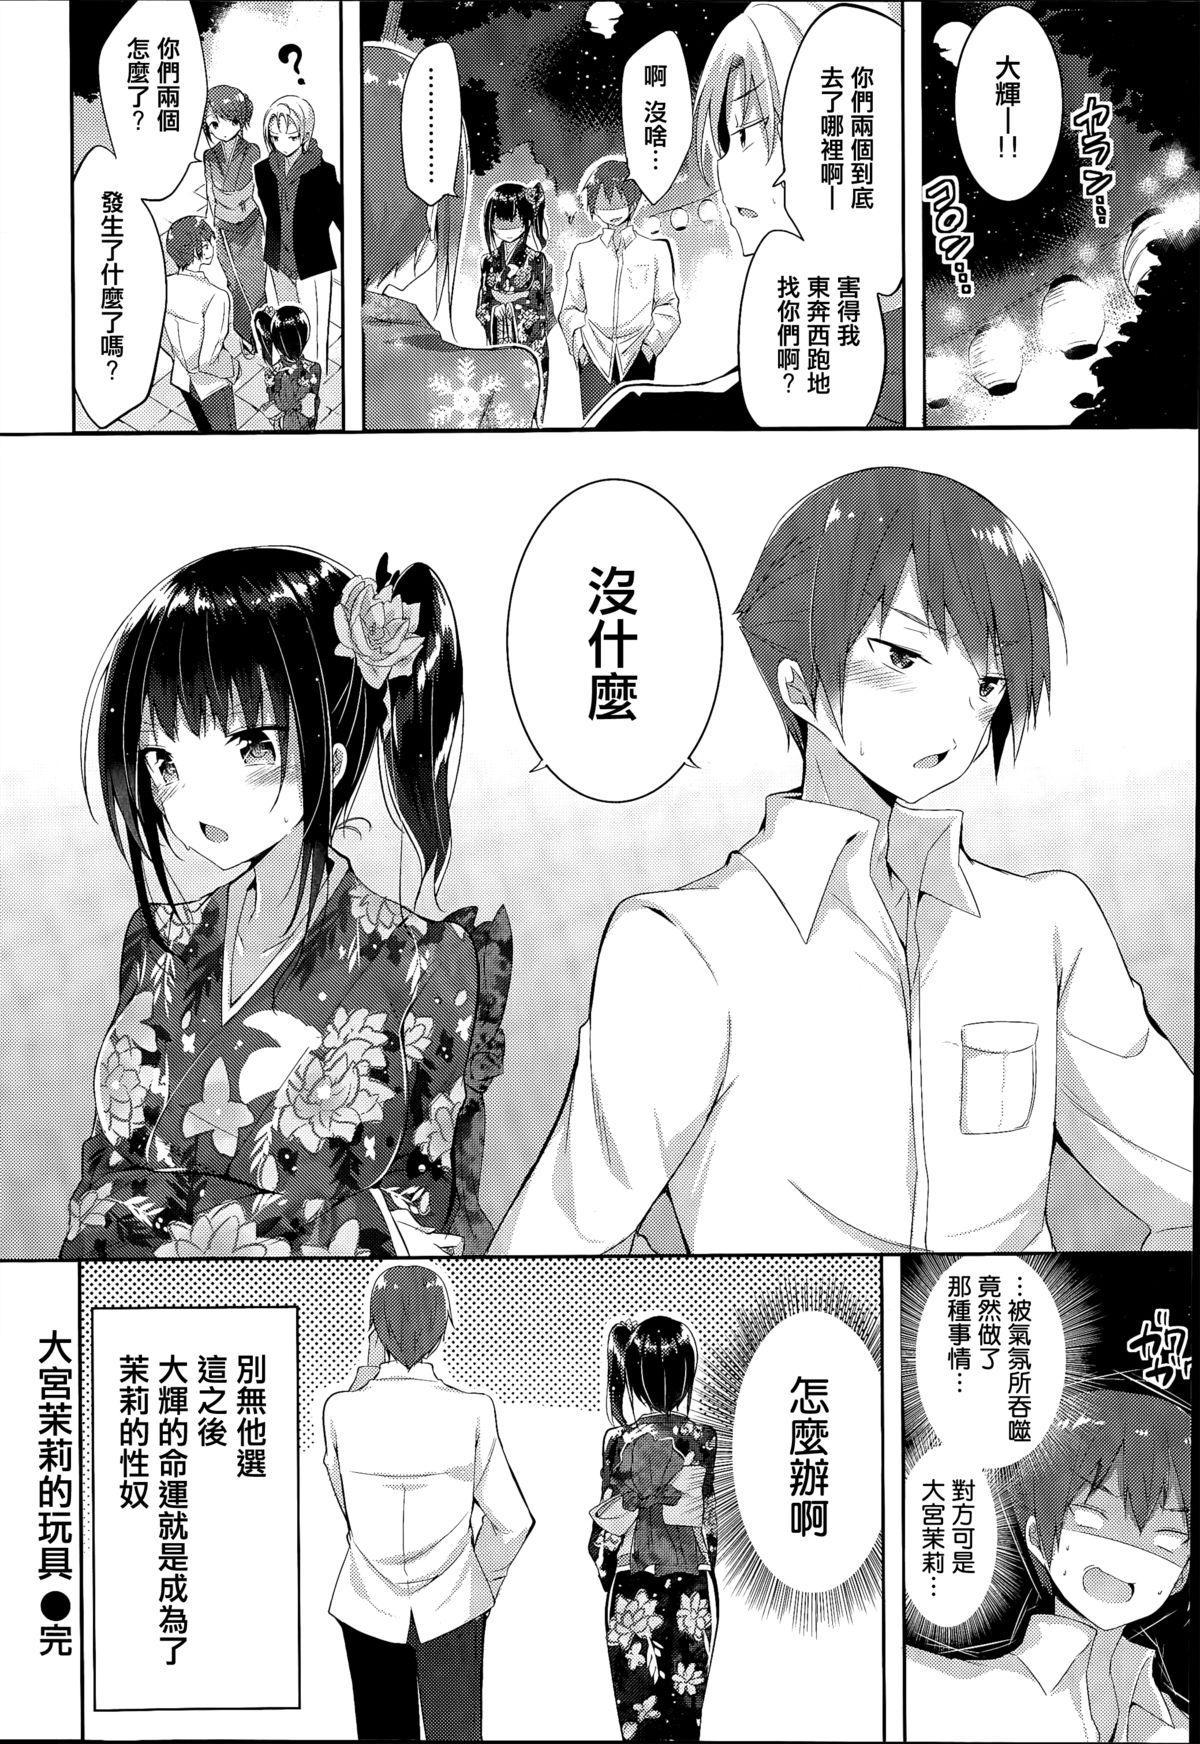 Ohmiya Mari no Omocha 17